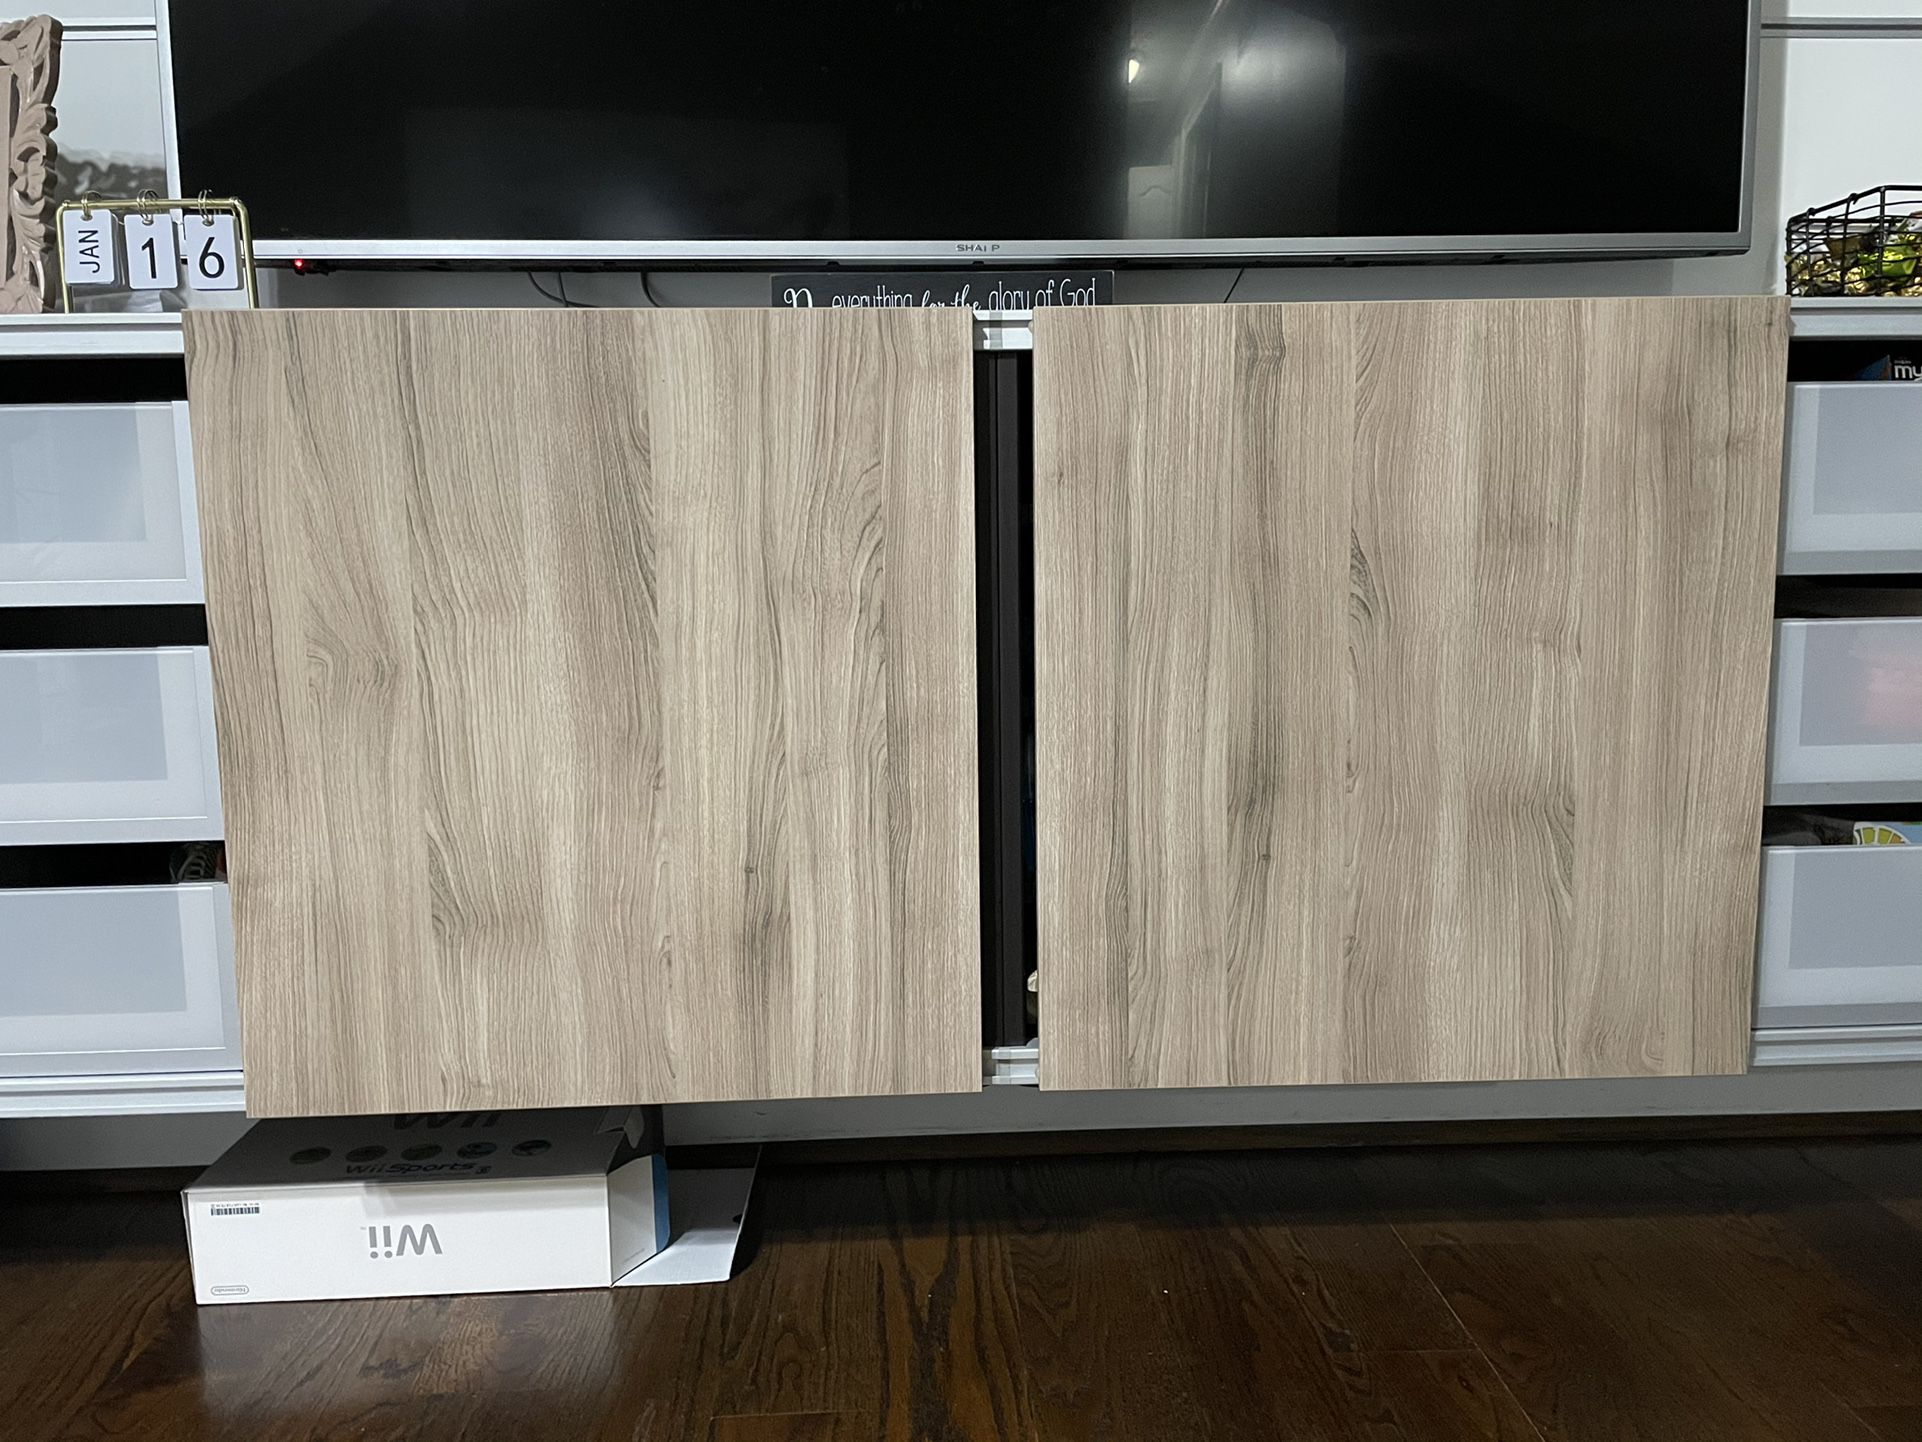 IKEA TV Cabinet Doors